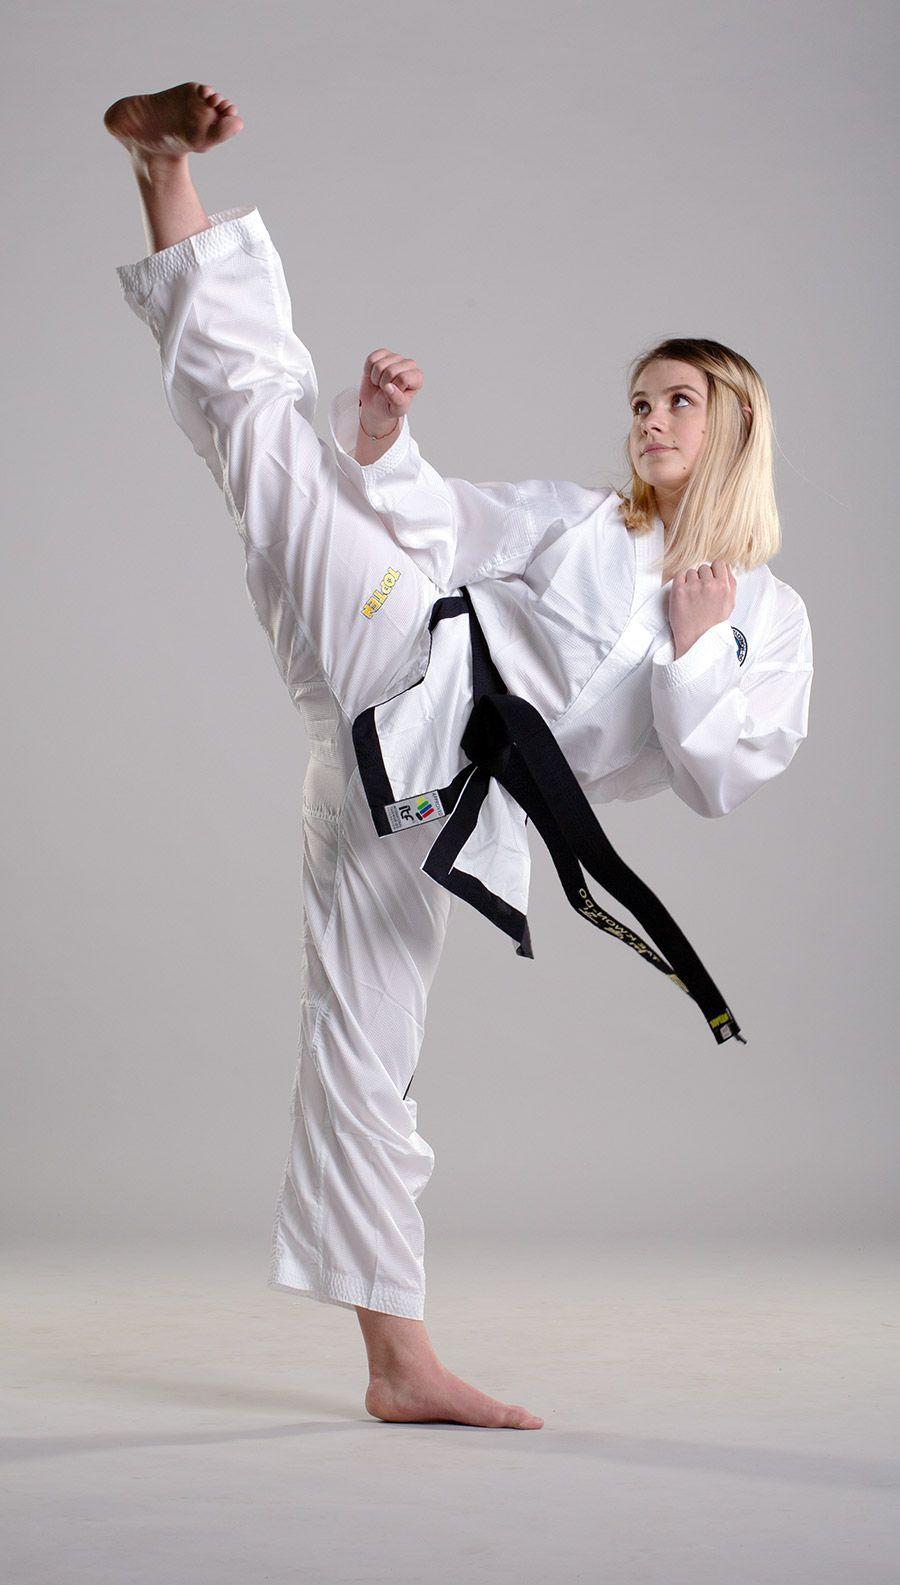 Top Ten Itf Assistant Instructor Uniform Premium Gold Dobok White Black White Black 3 Assistant White Black Women Karate Martial Arts Women Karate Girl